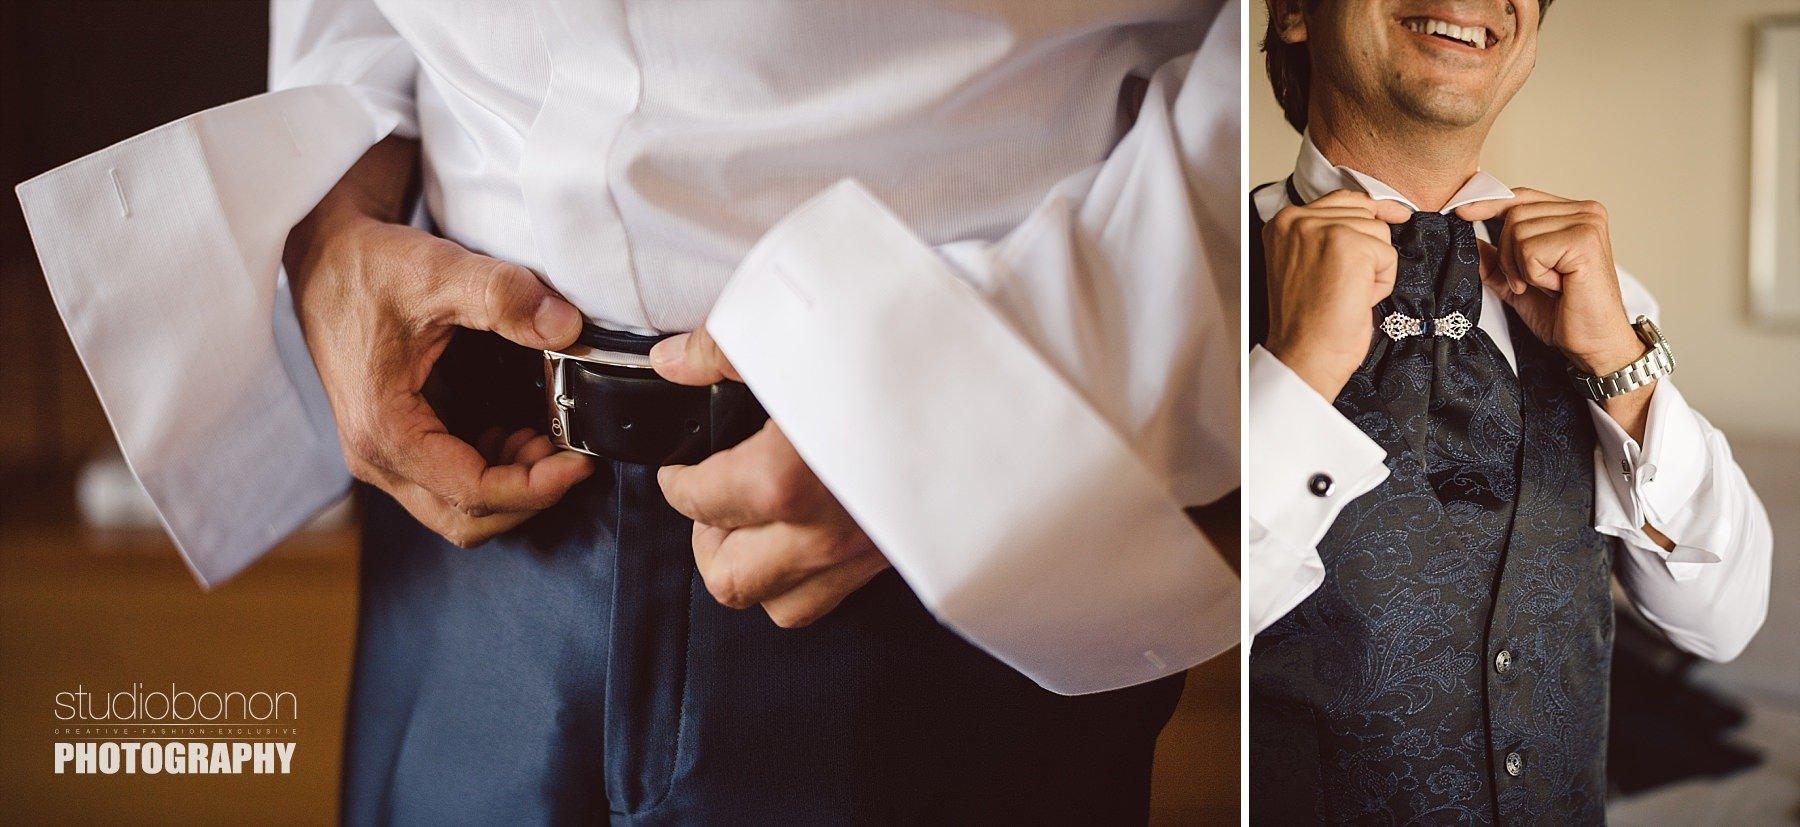 Fotografia di dettagli della preparazione di uno sposo